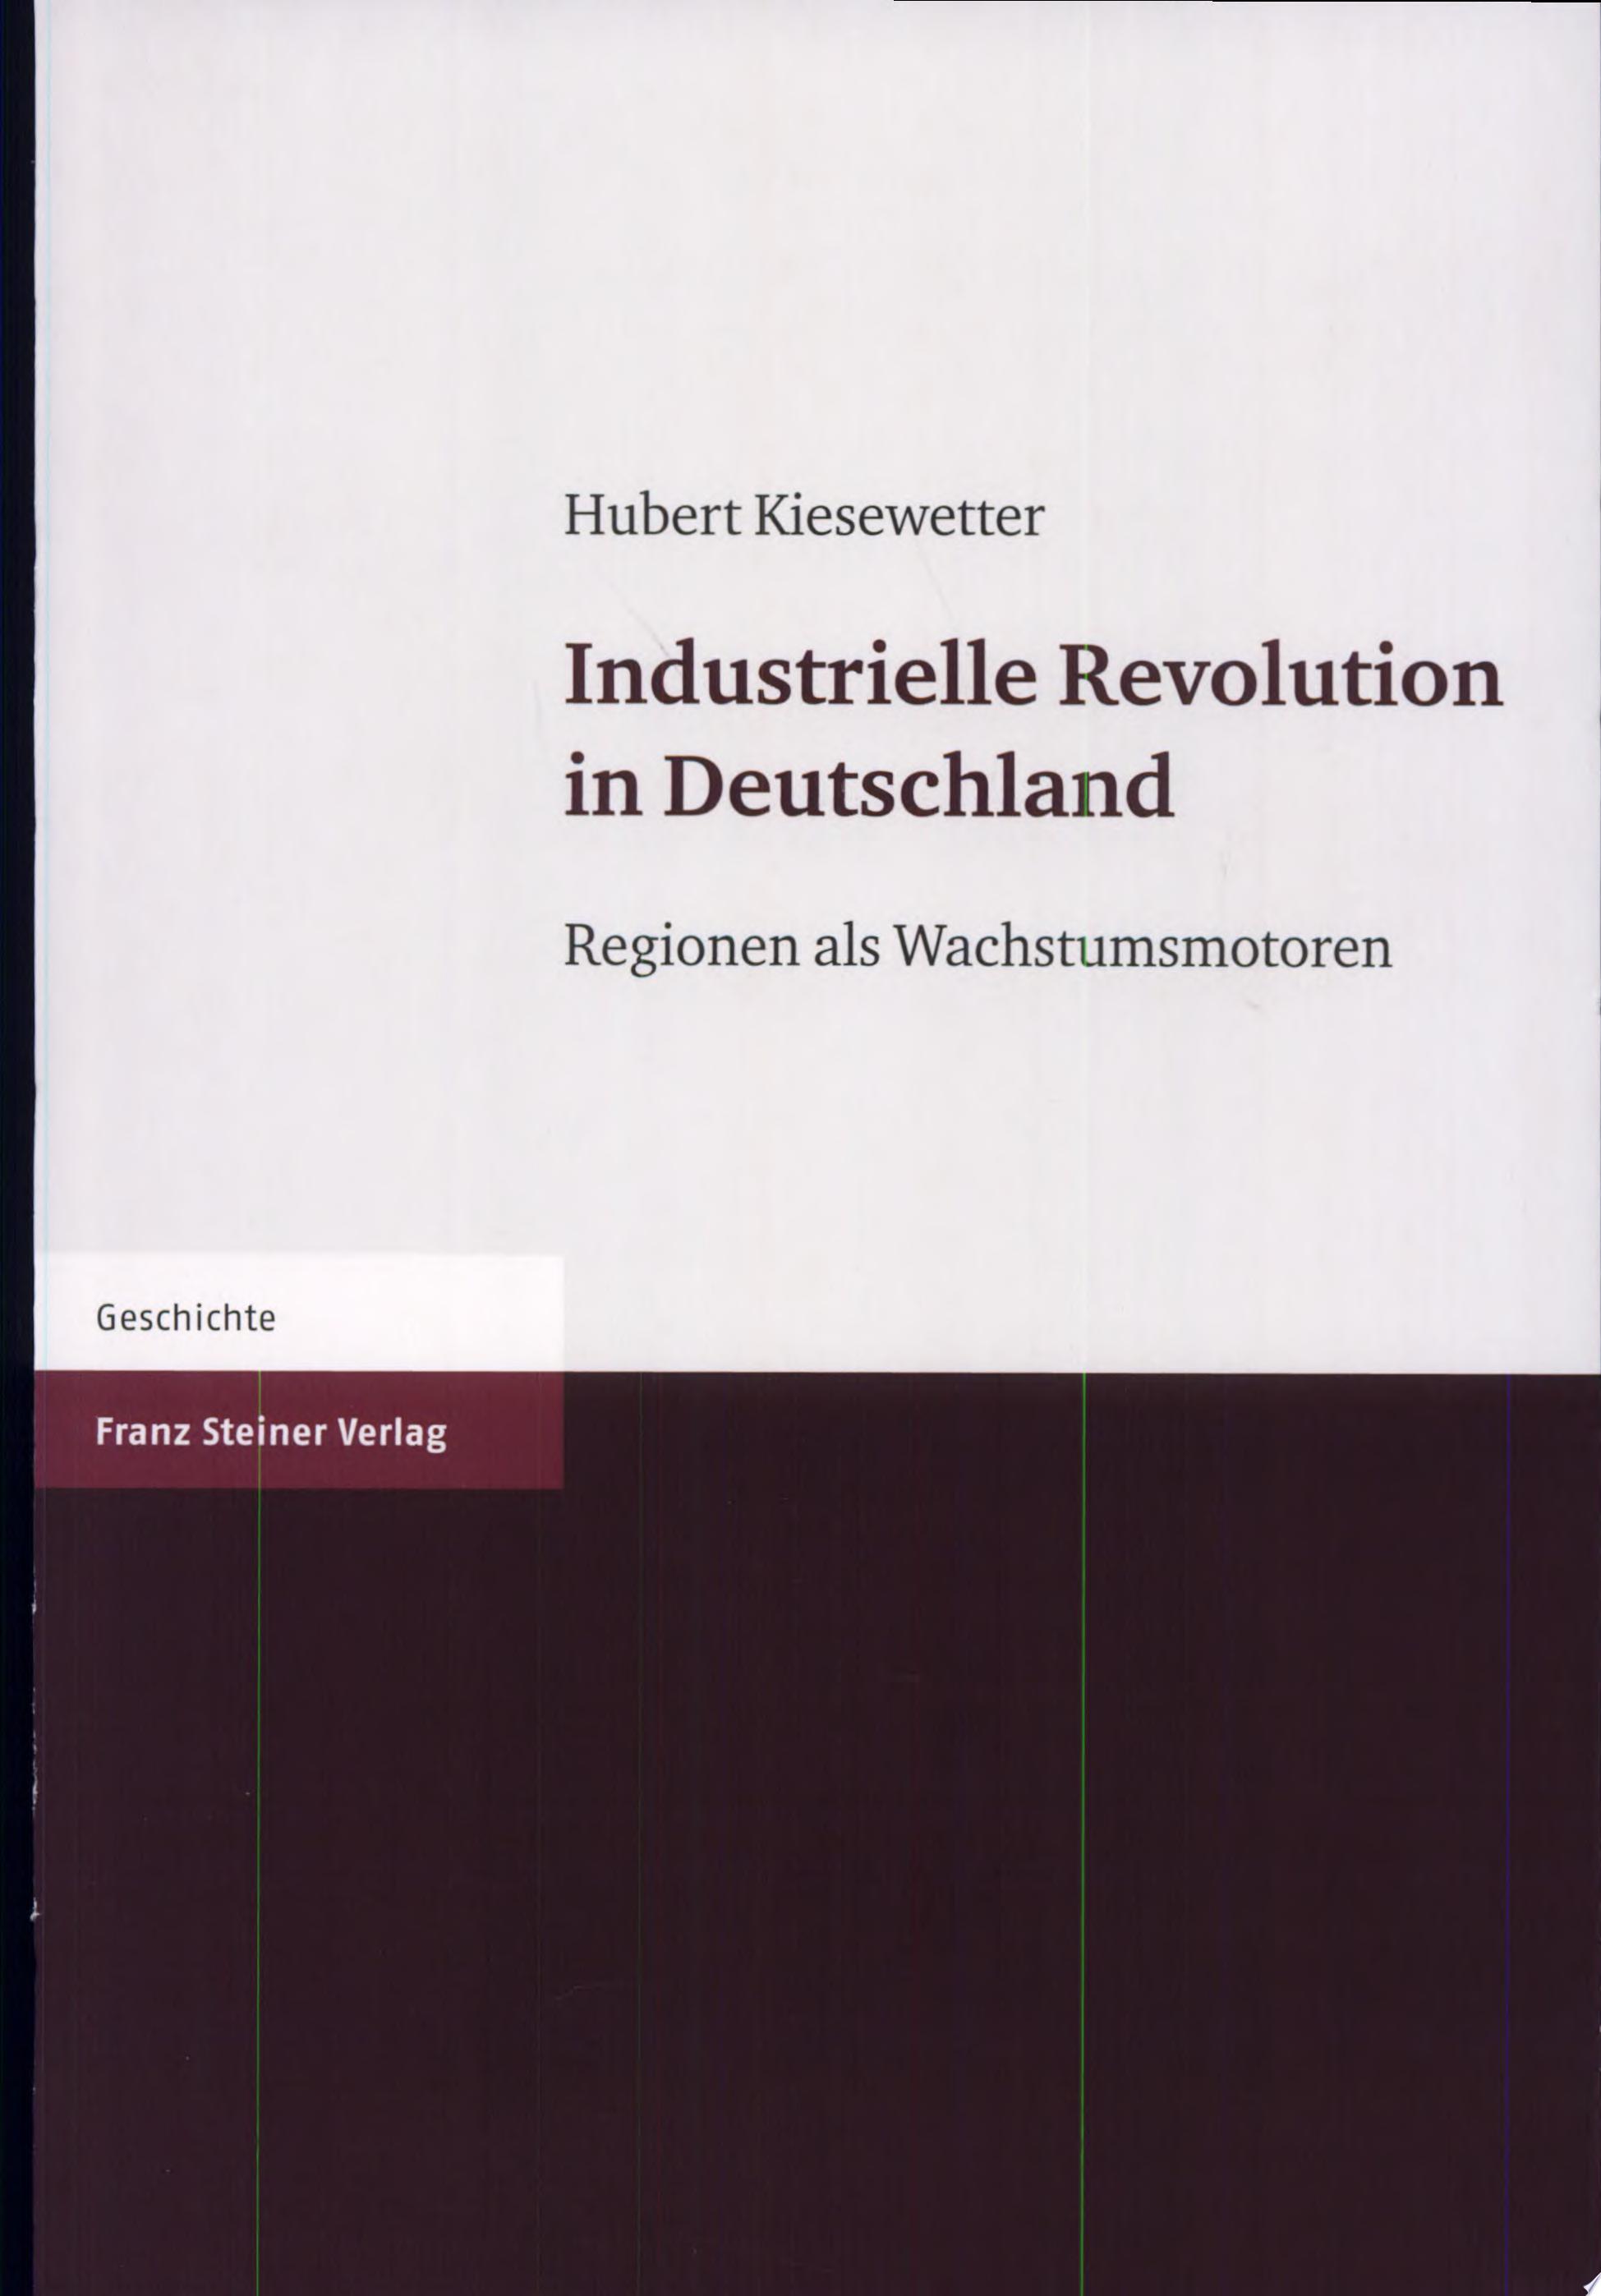 Industrielle Revolution in Deutschland